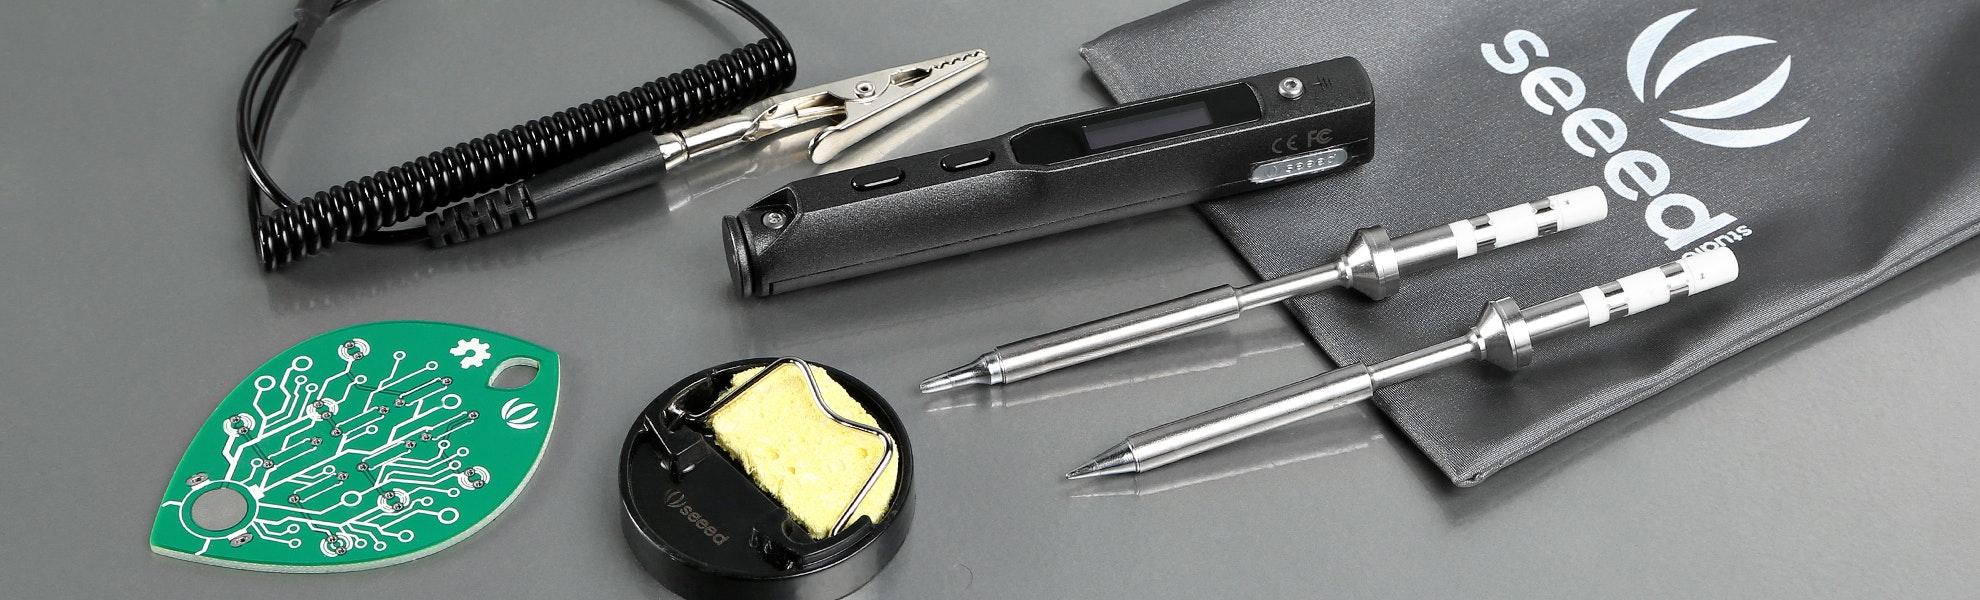 SEEED Mini Soldering Iron Deluxe Kit